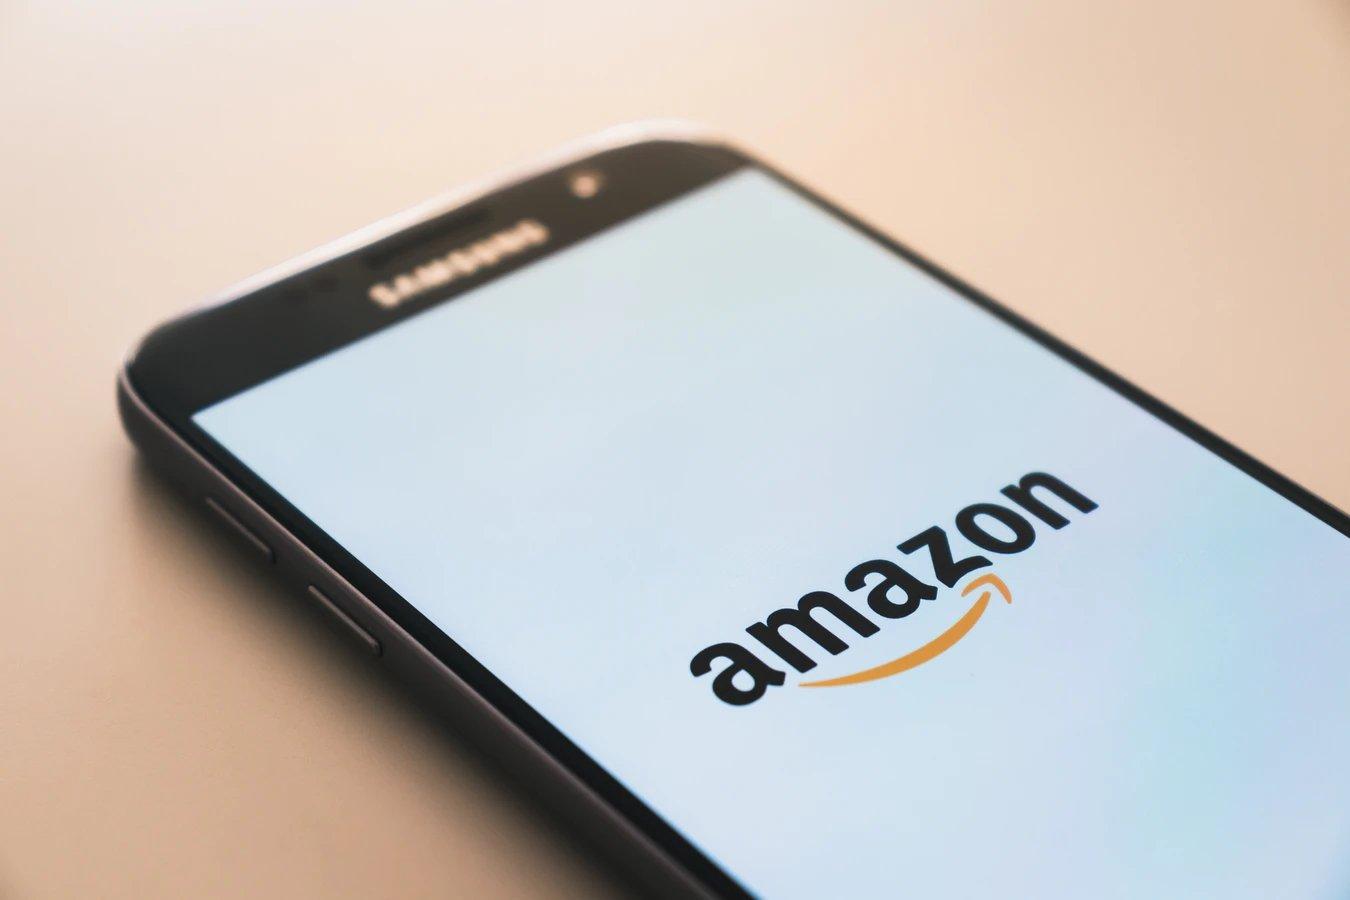 Amazon smartphone app